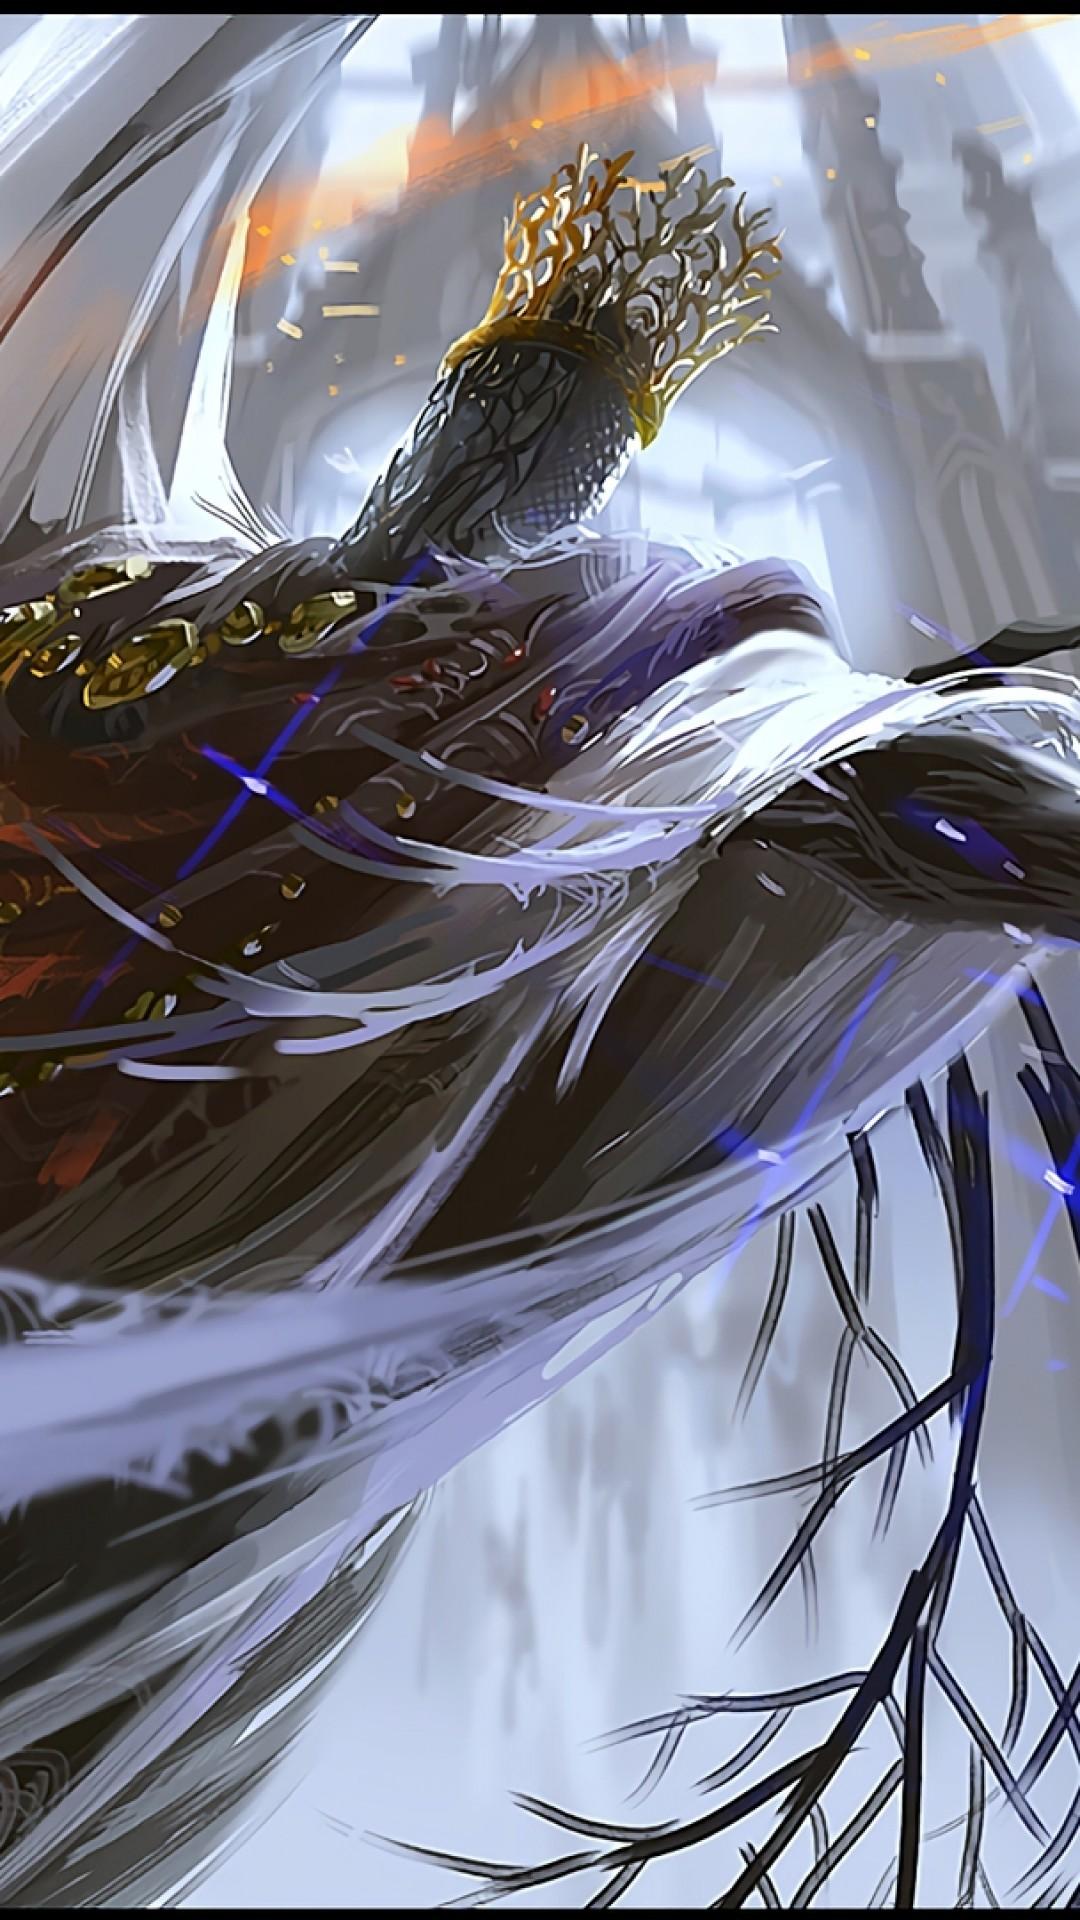 Dark Souls 3, Pontiff Sulyvahn, Twin Swords, Boss, Fire, Battle,